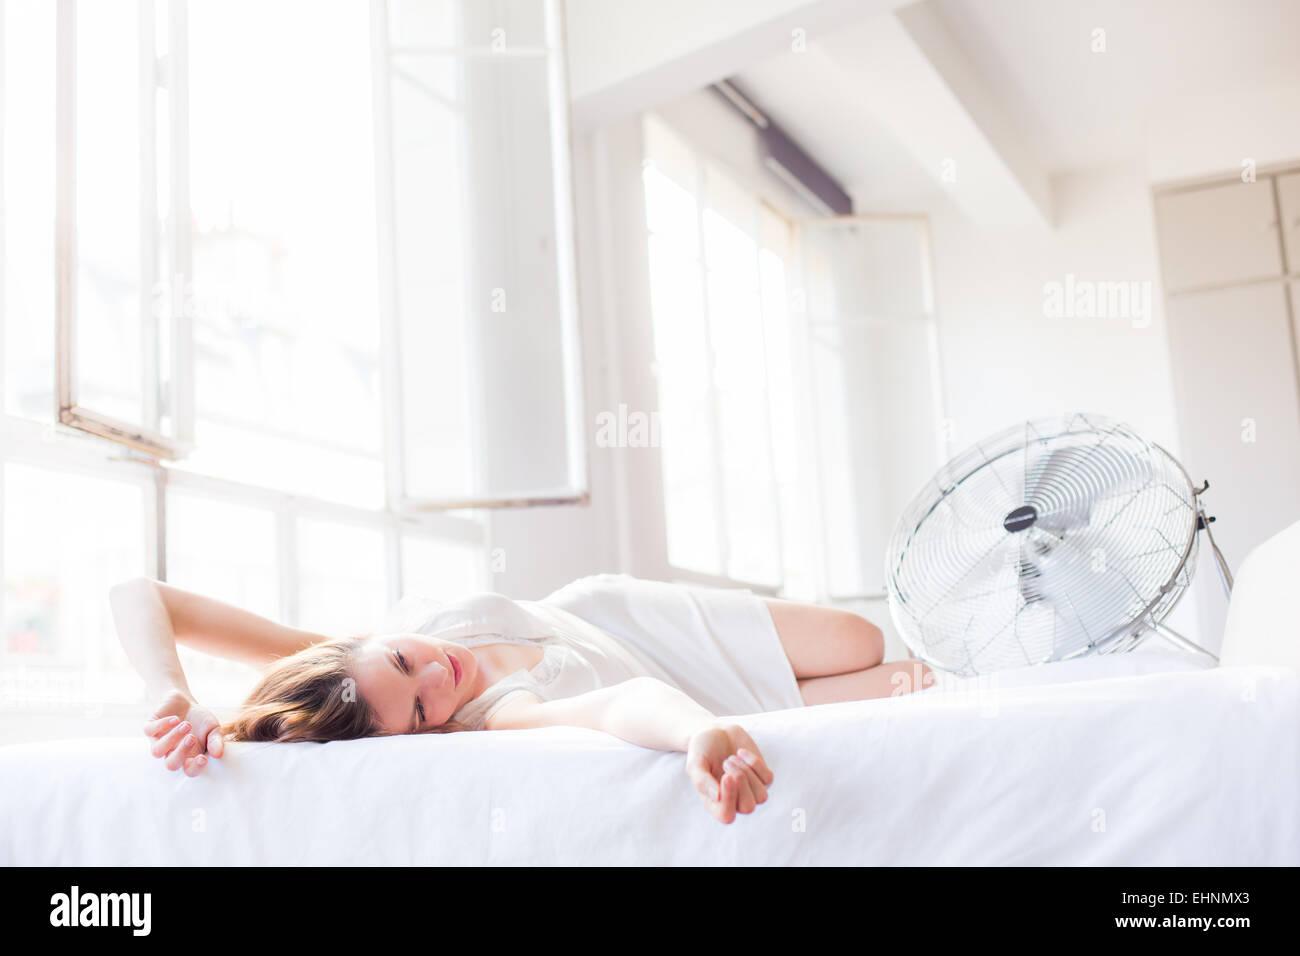 Mujer en frente de un ventilador eléctrico. Imagen De Stock